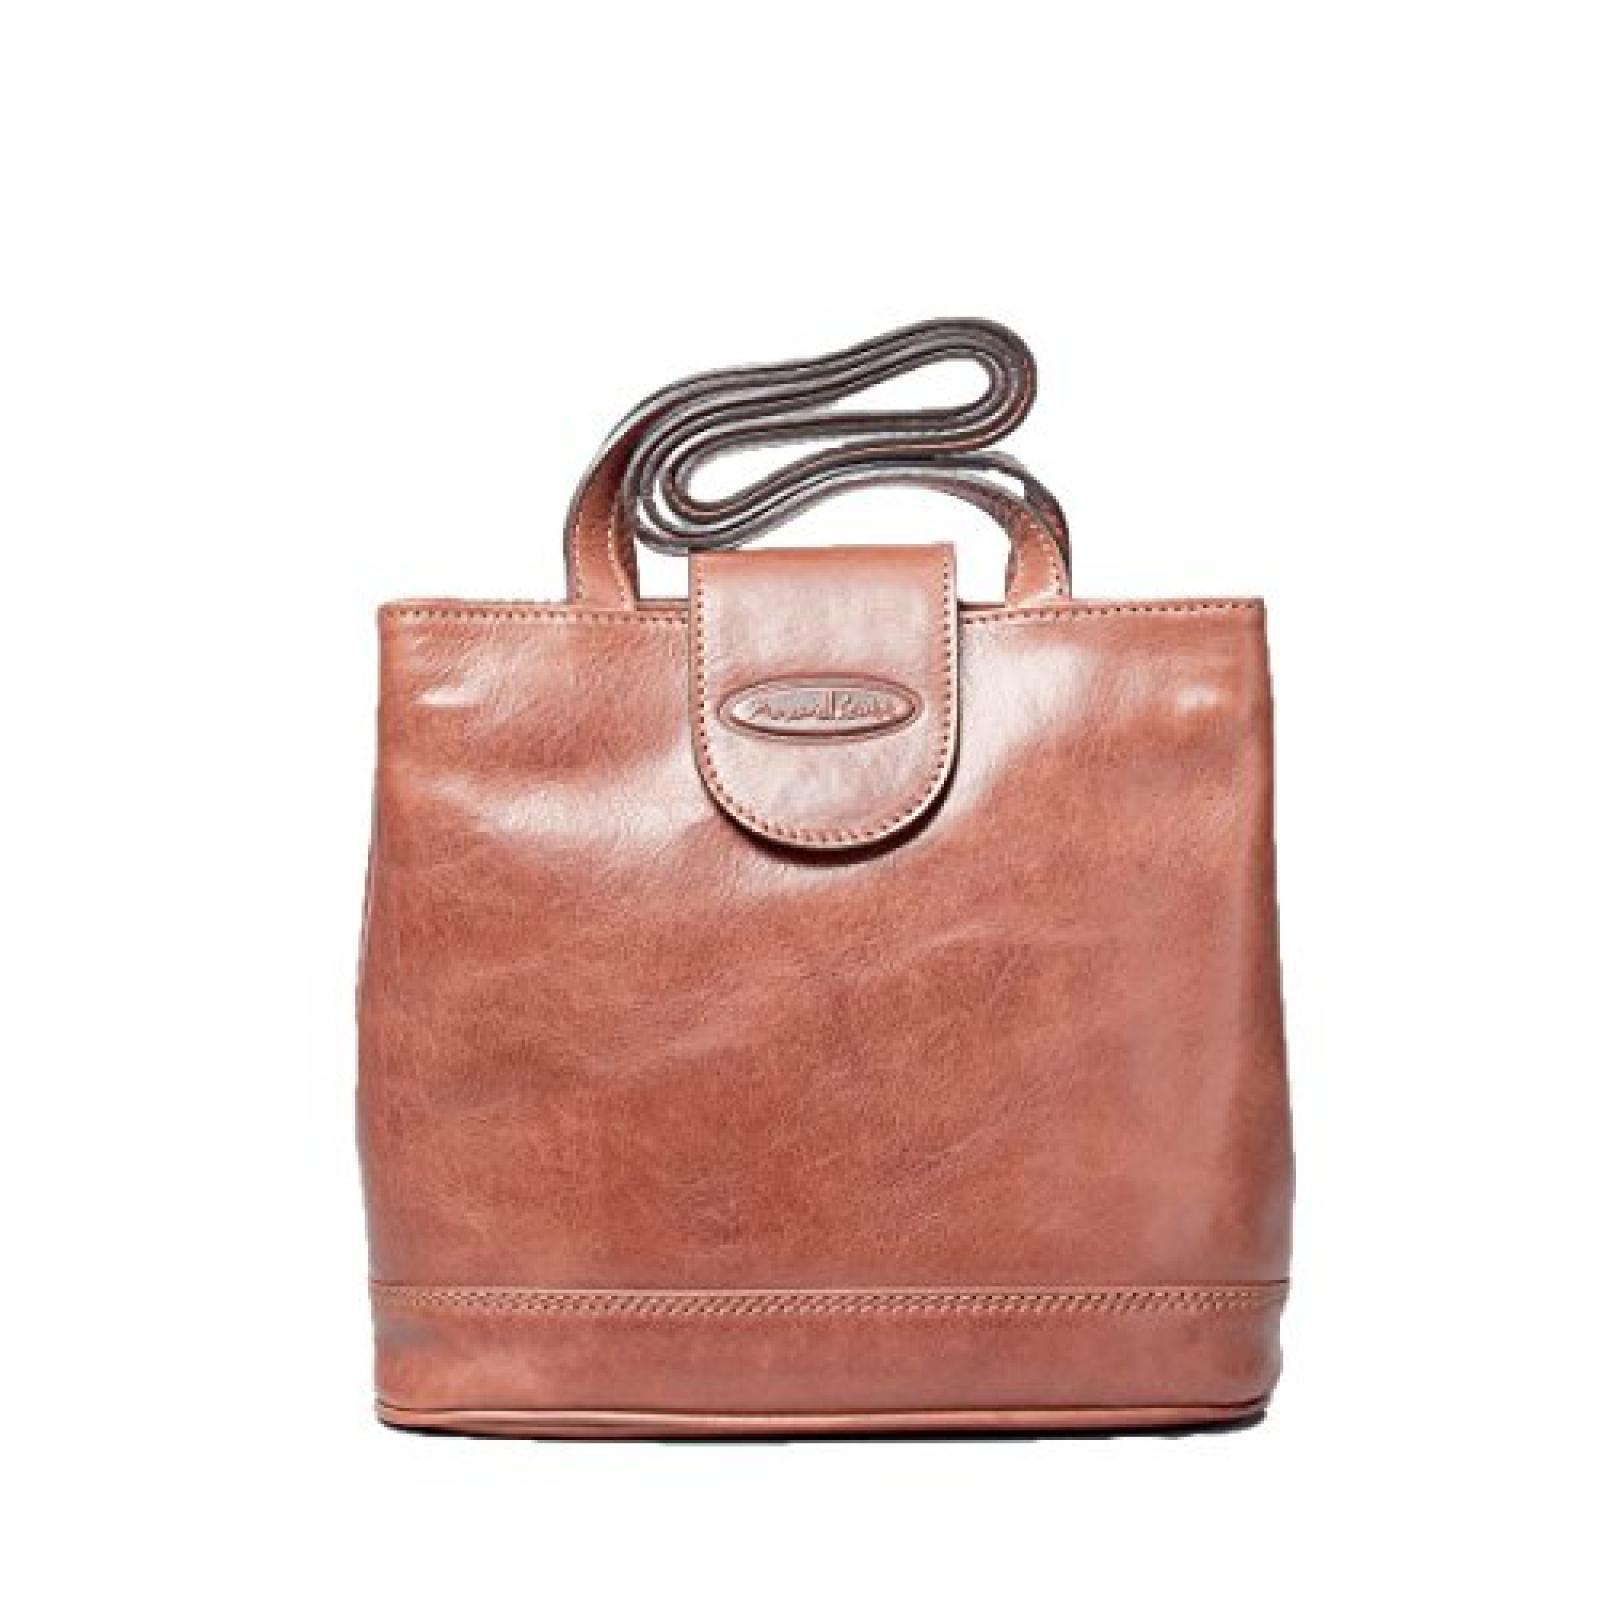 Maxwell Scott Bags ® Luxus Leder Schultertasche für Damen in Cognac Braun (EmiliaL)